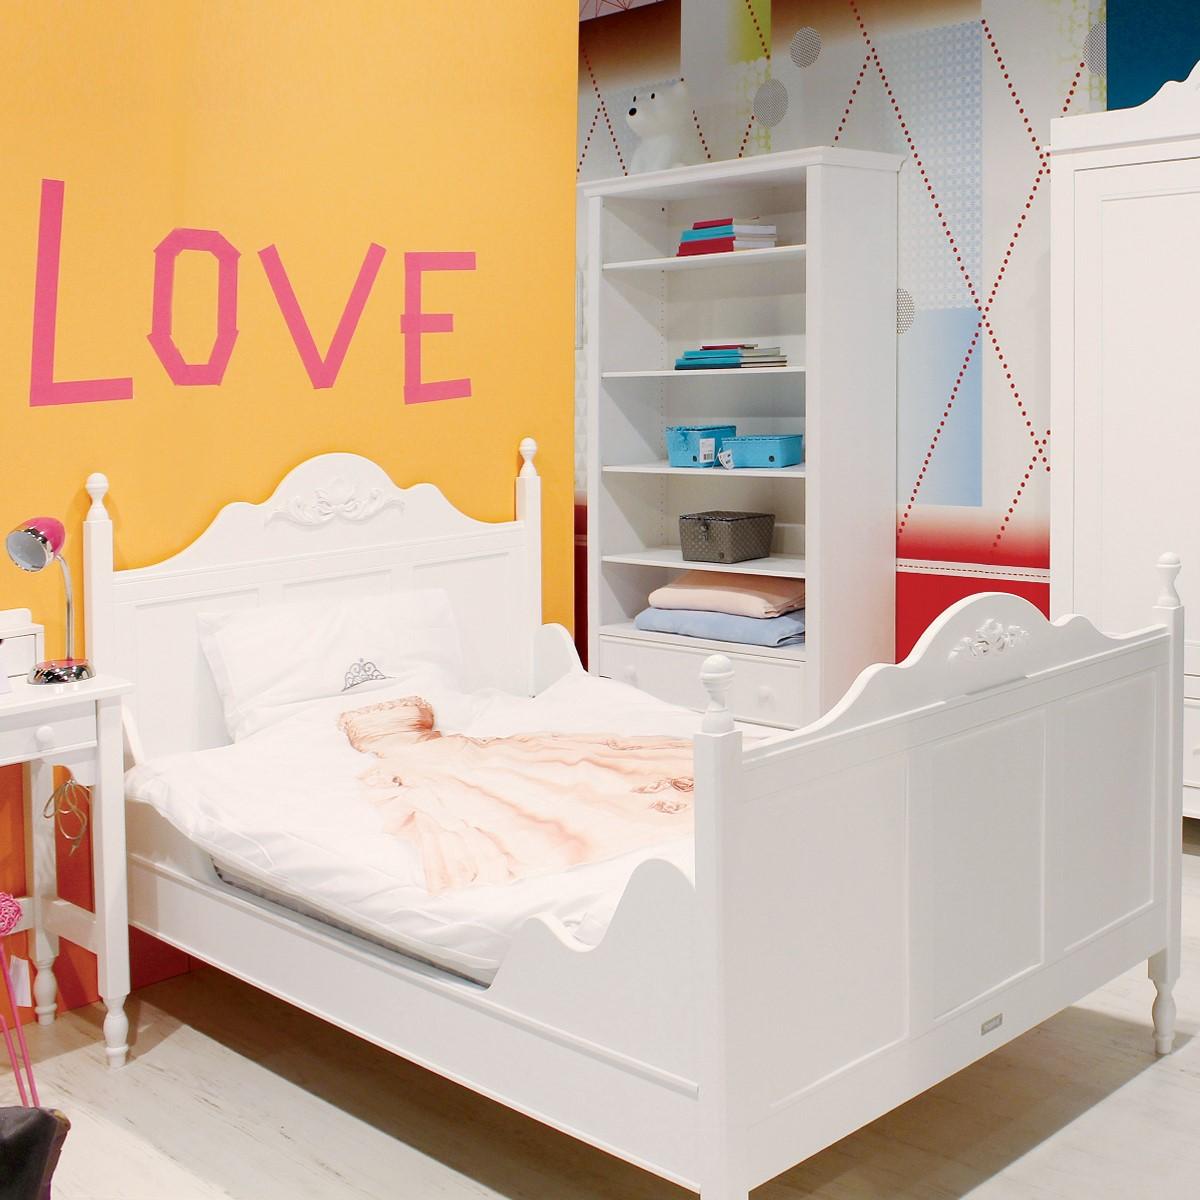 Full Size of Bopita Jugendbett Doppelbett Romantic 120x200 Bett Betten Weiß Mit Bettkasten Matratze Und Lattenrost Wohnzimmer Kinderbett 120x200